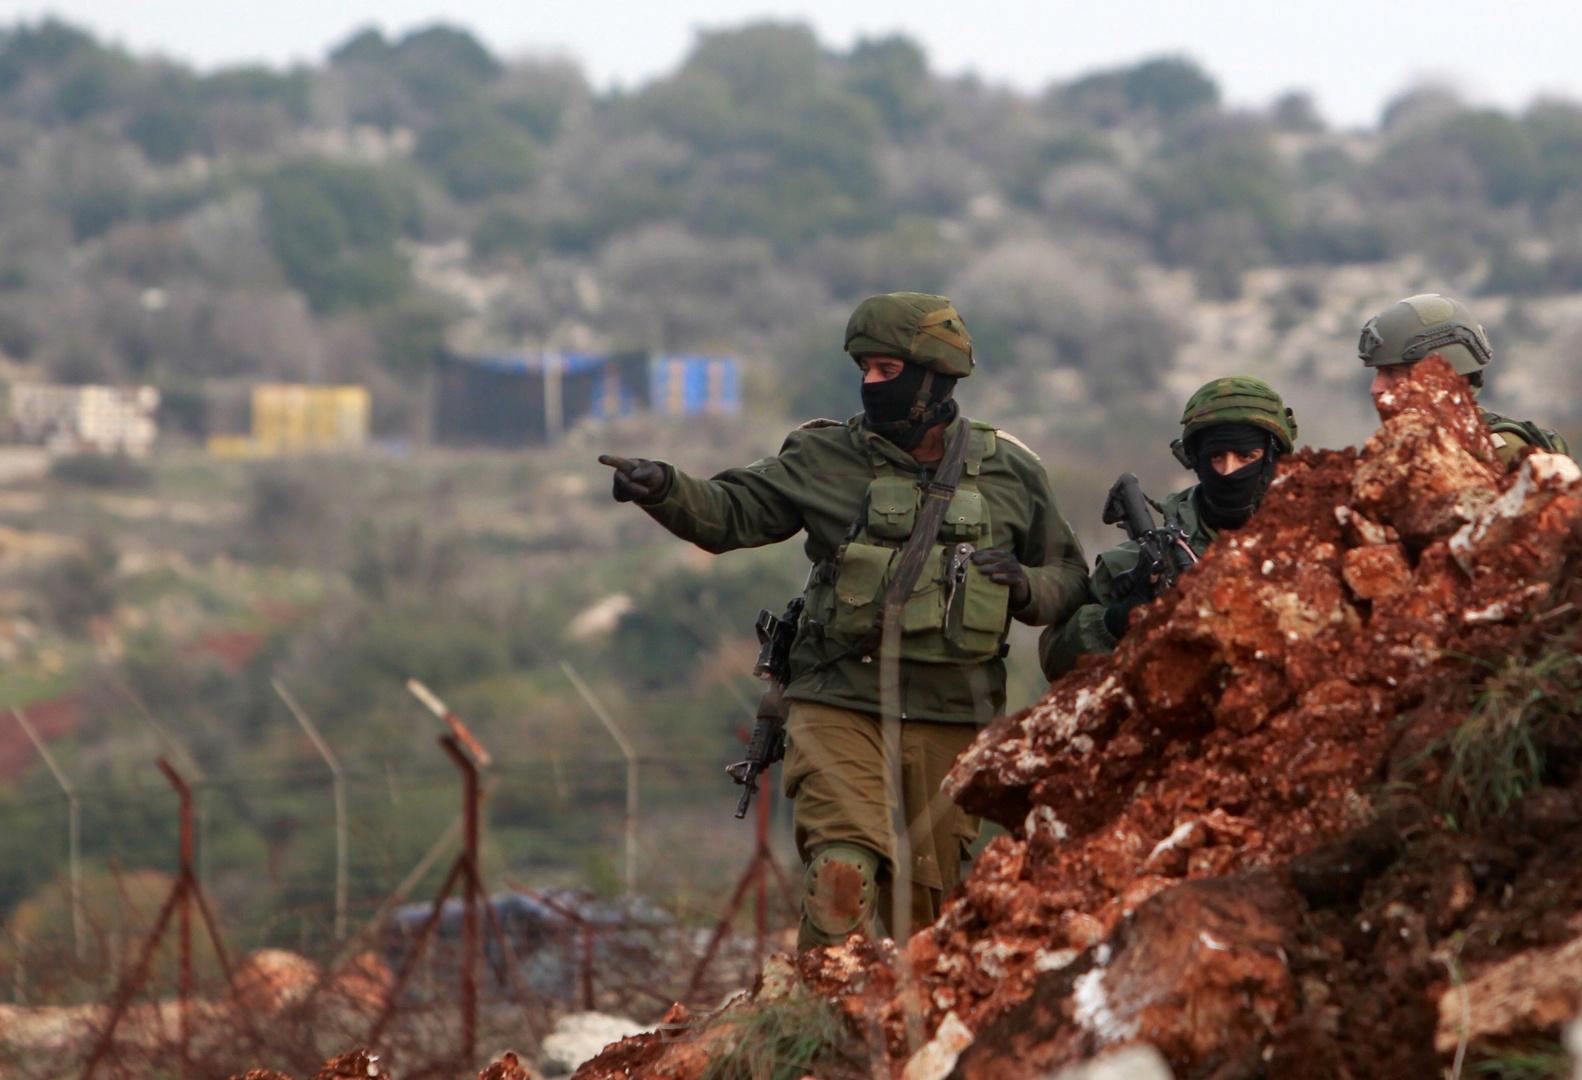 عناصر من الجيش الإسرائيلي في المنطقة الحدودية مع لبنان.